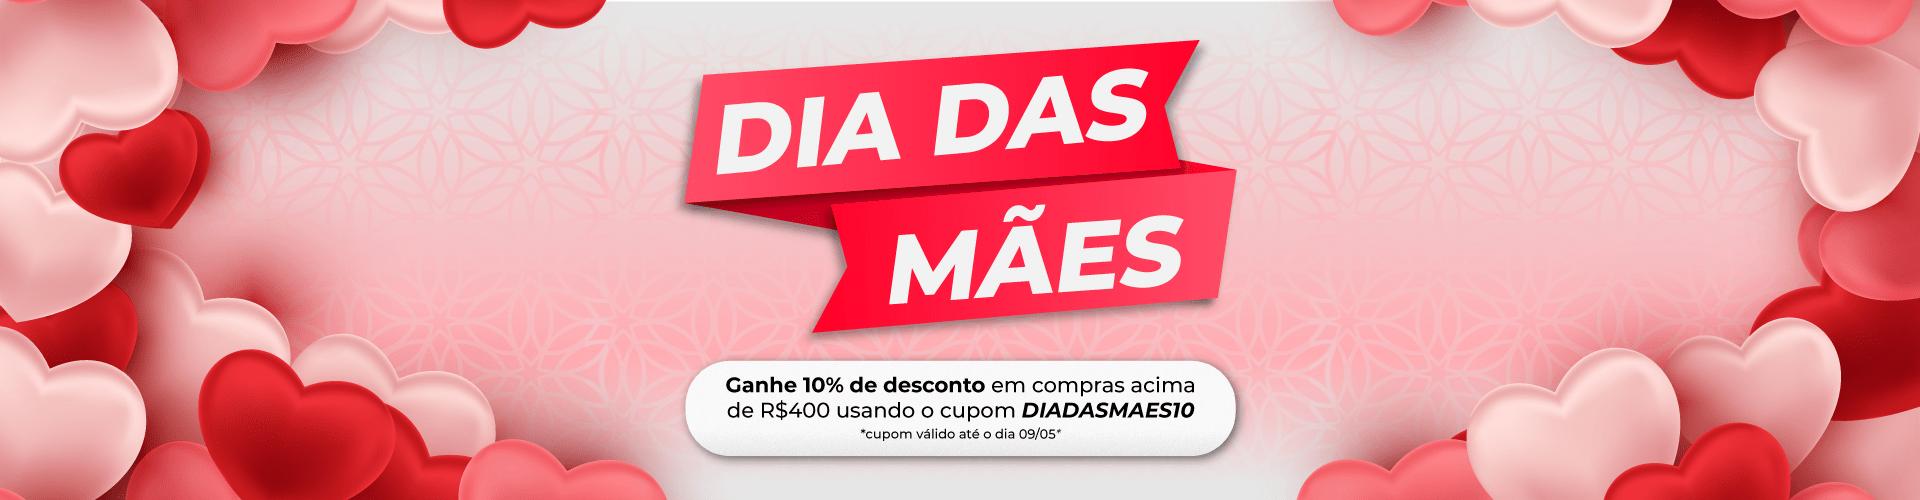 CAMPANHA PROMOCIONAL DIA DAS MÃES - CUPOM 10%